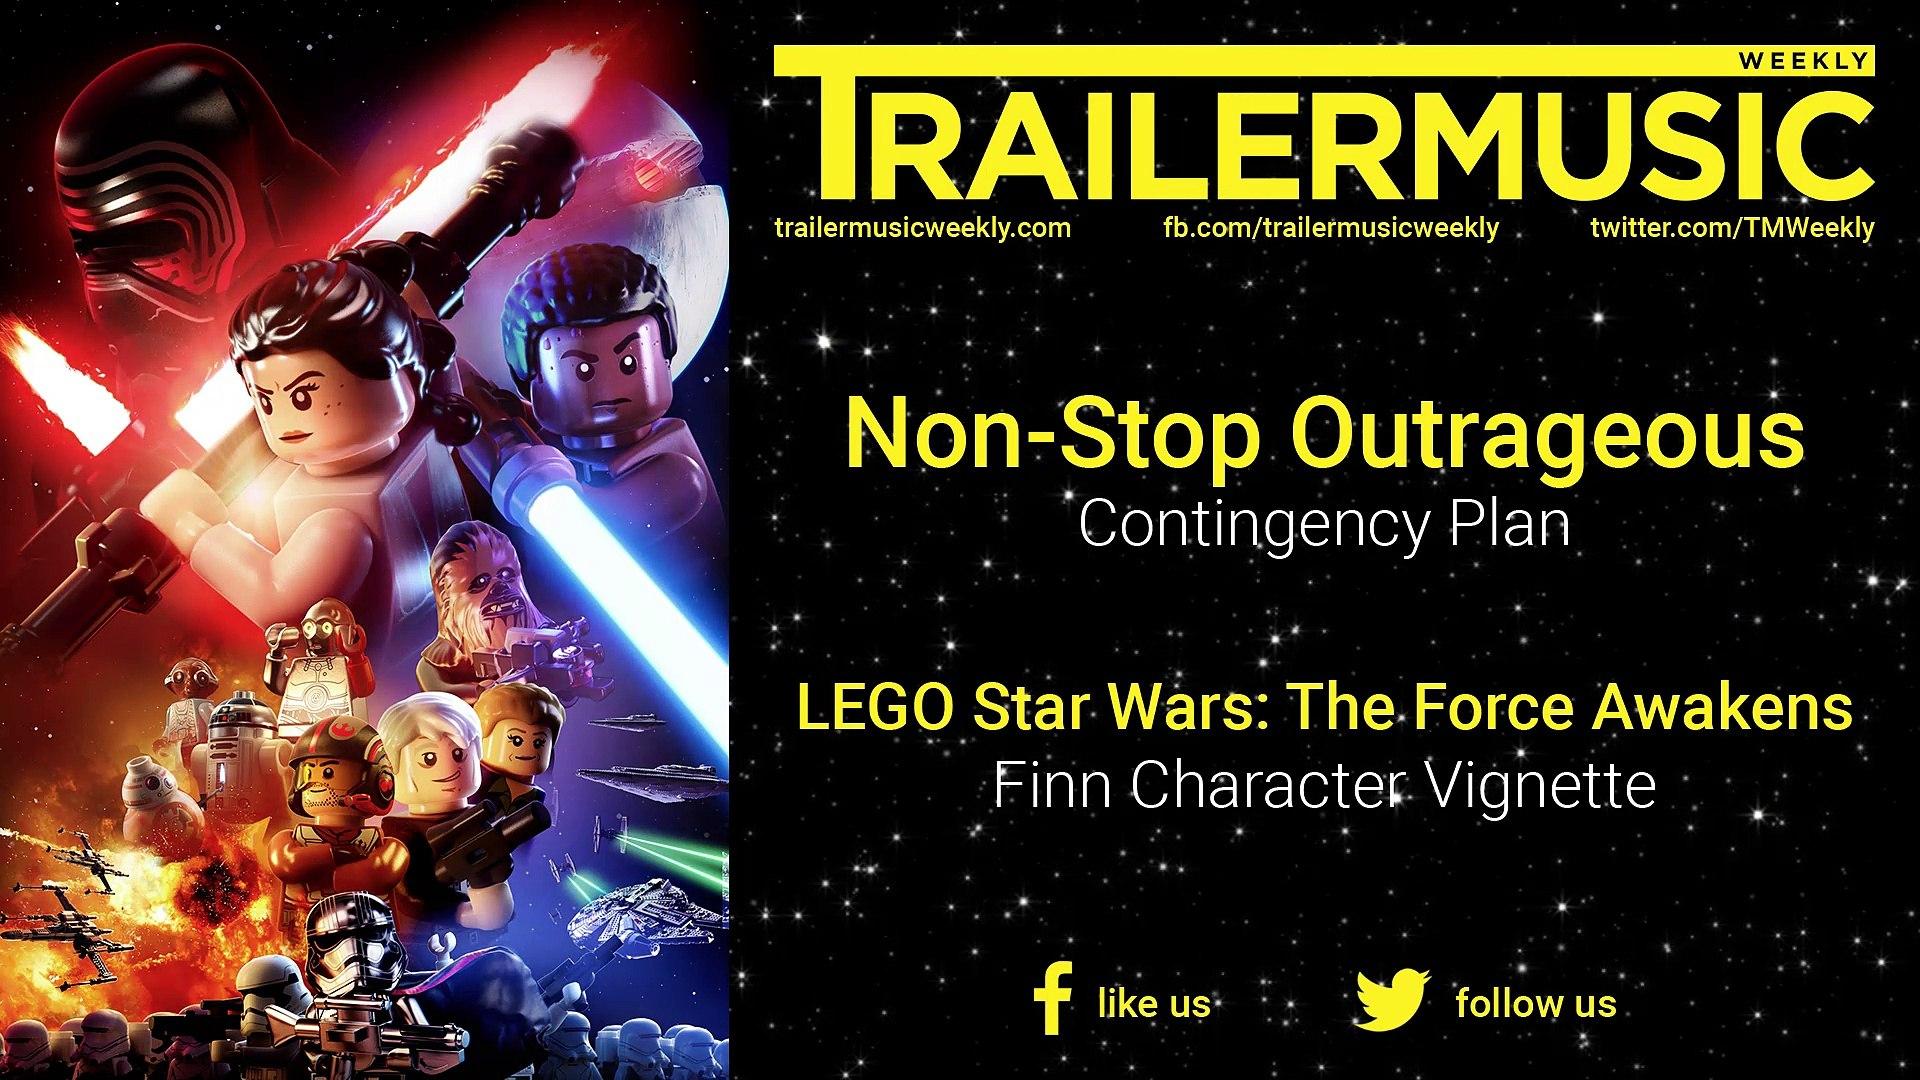 Lego Star Wars The Force Awakens Finn Character Vignette Music